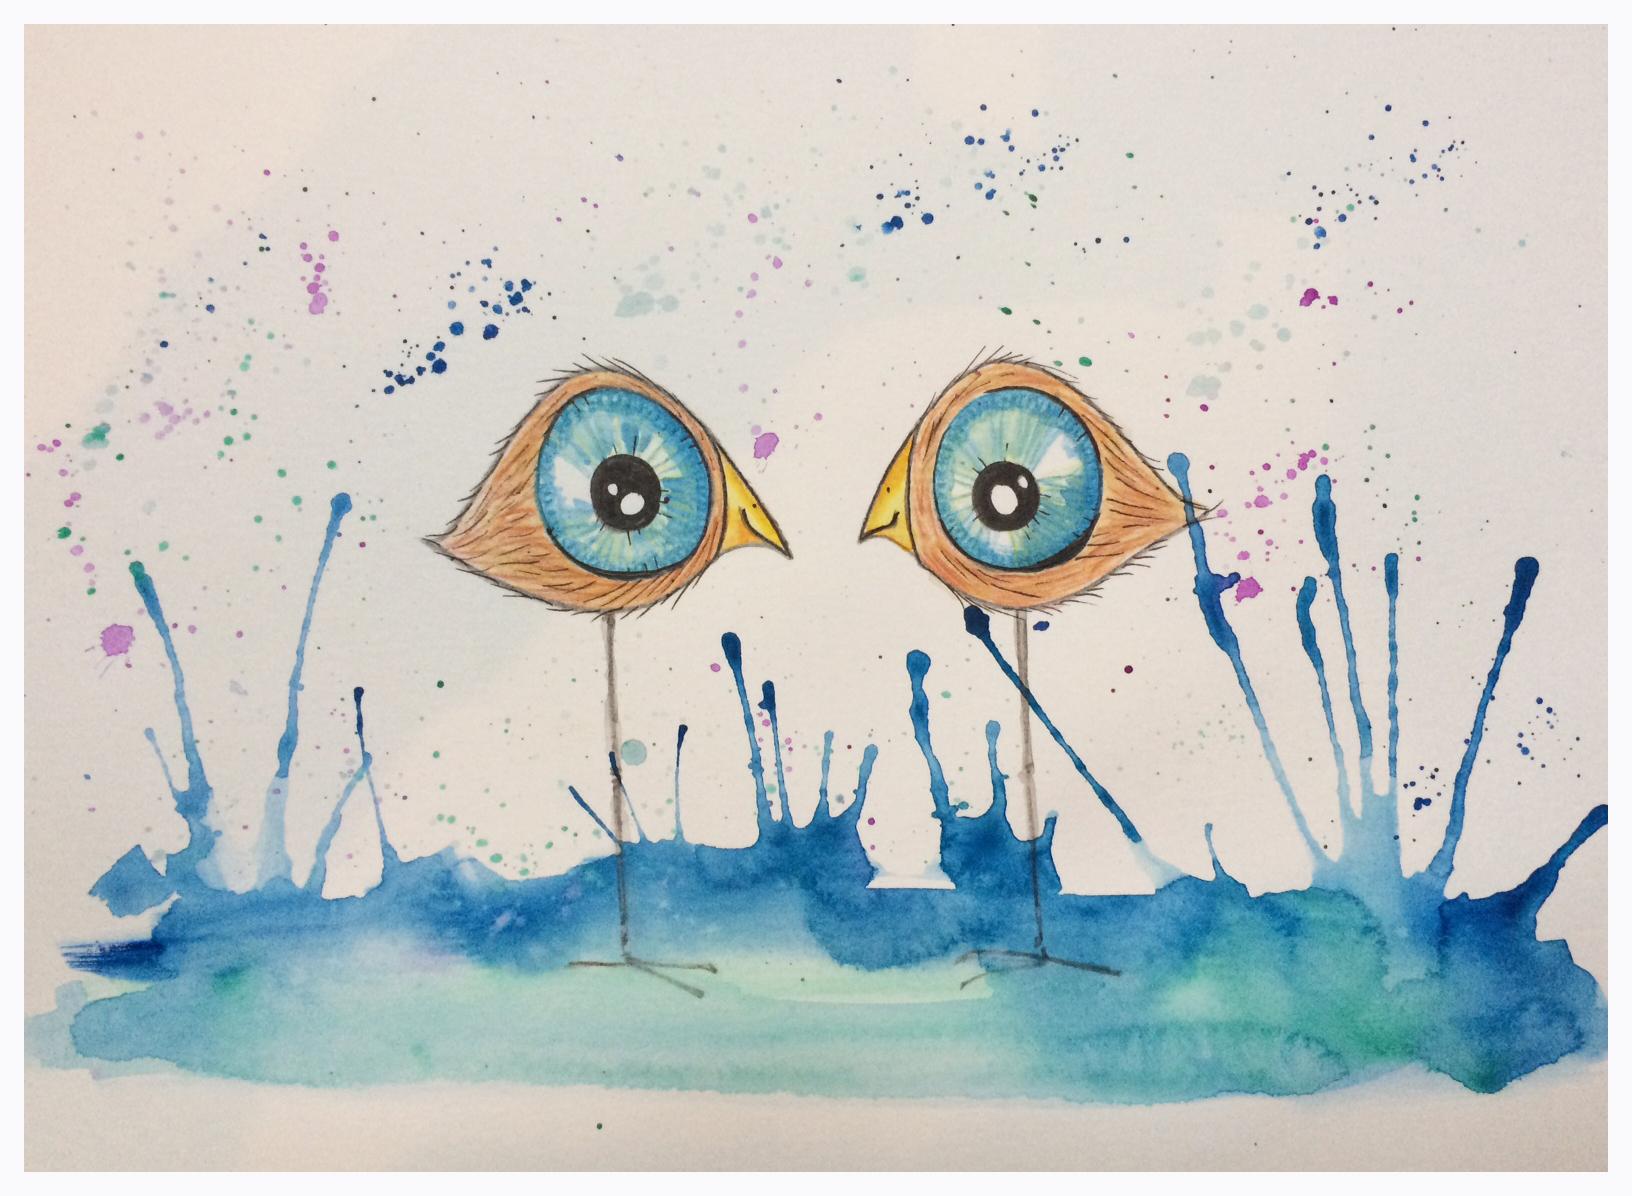 Bird's eye III - 2017